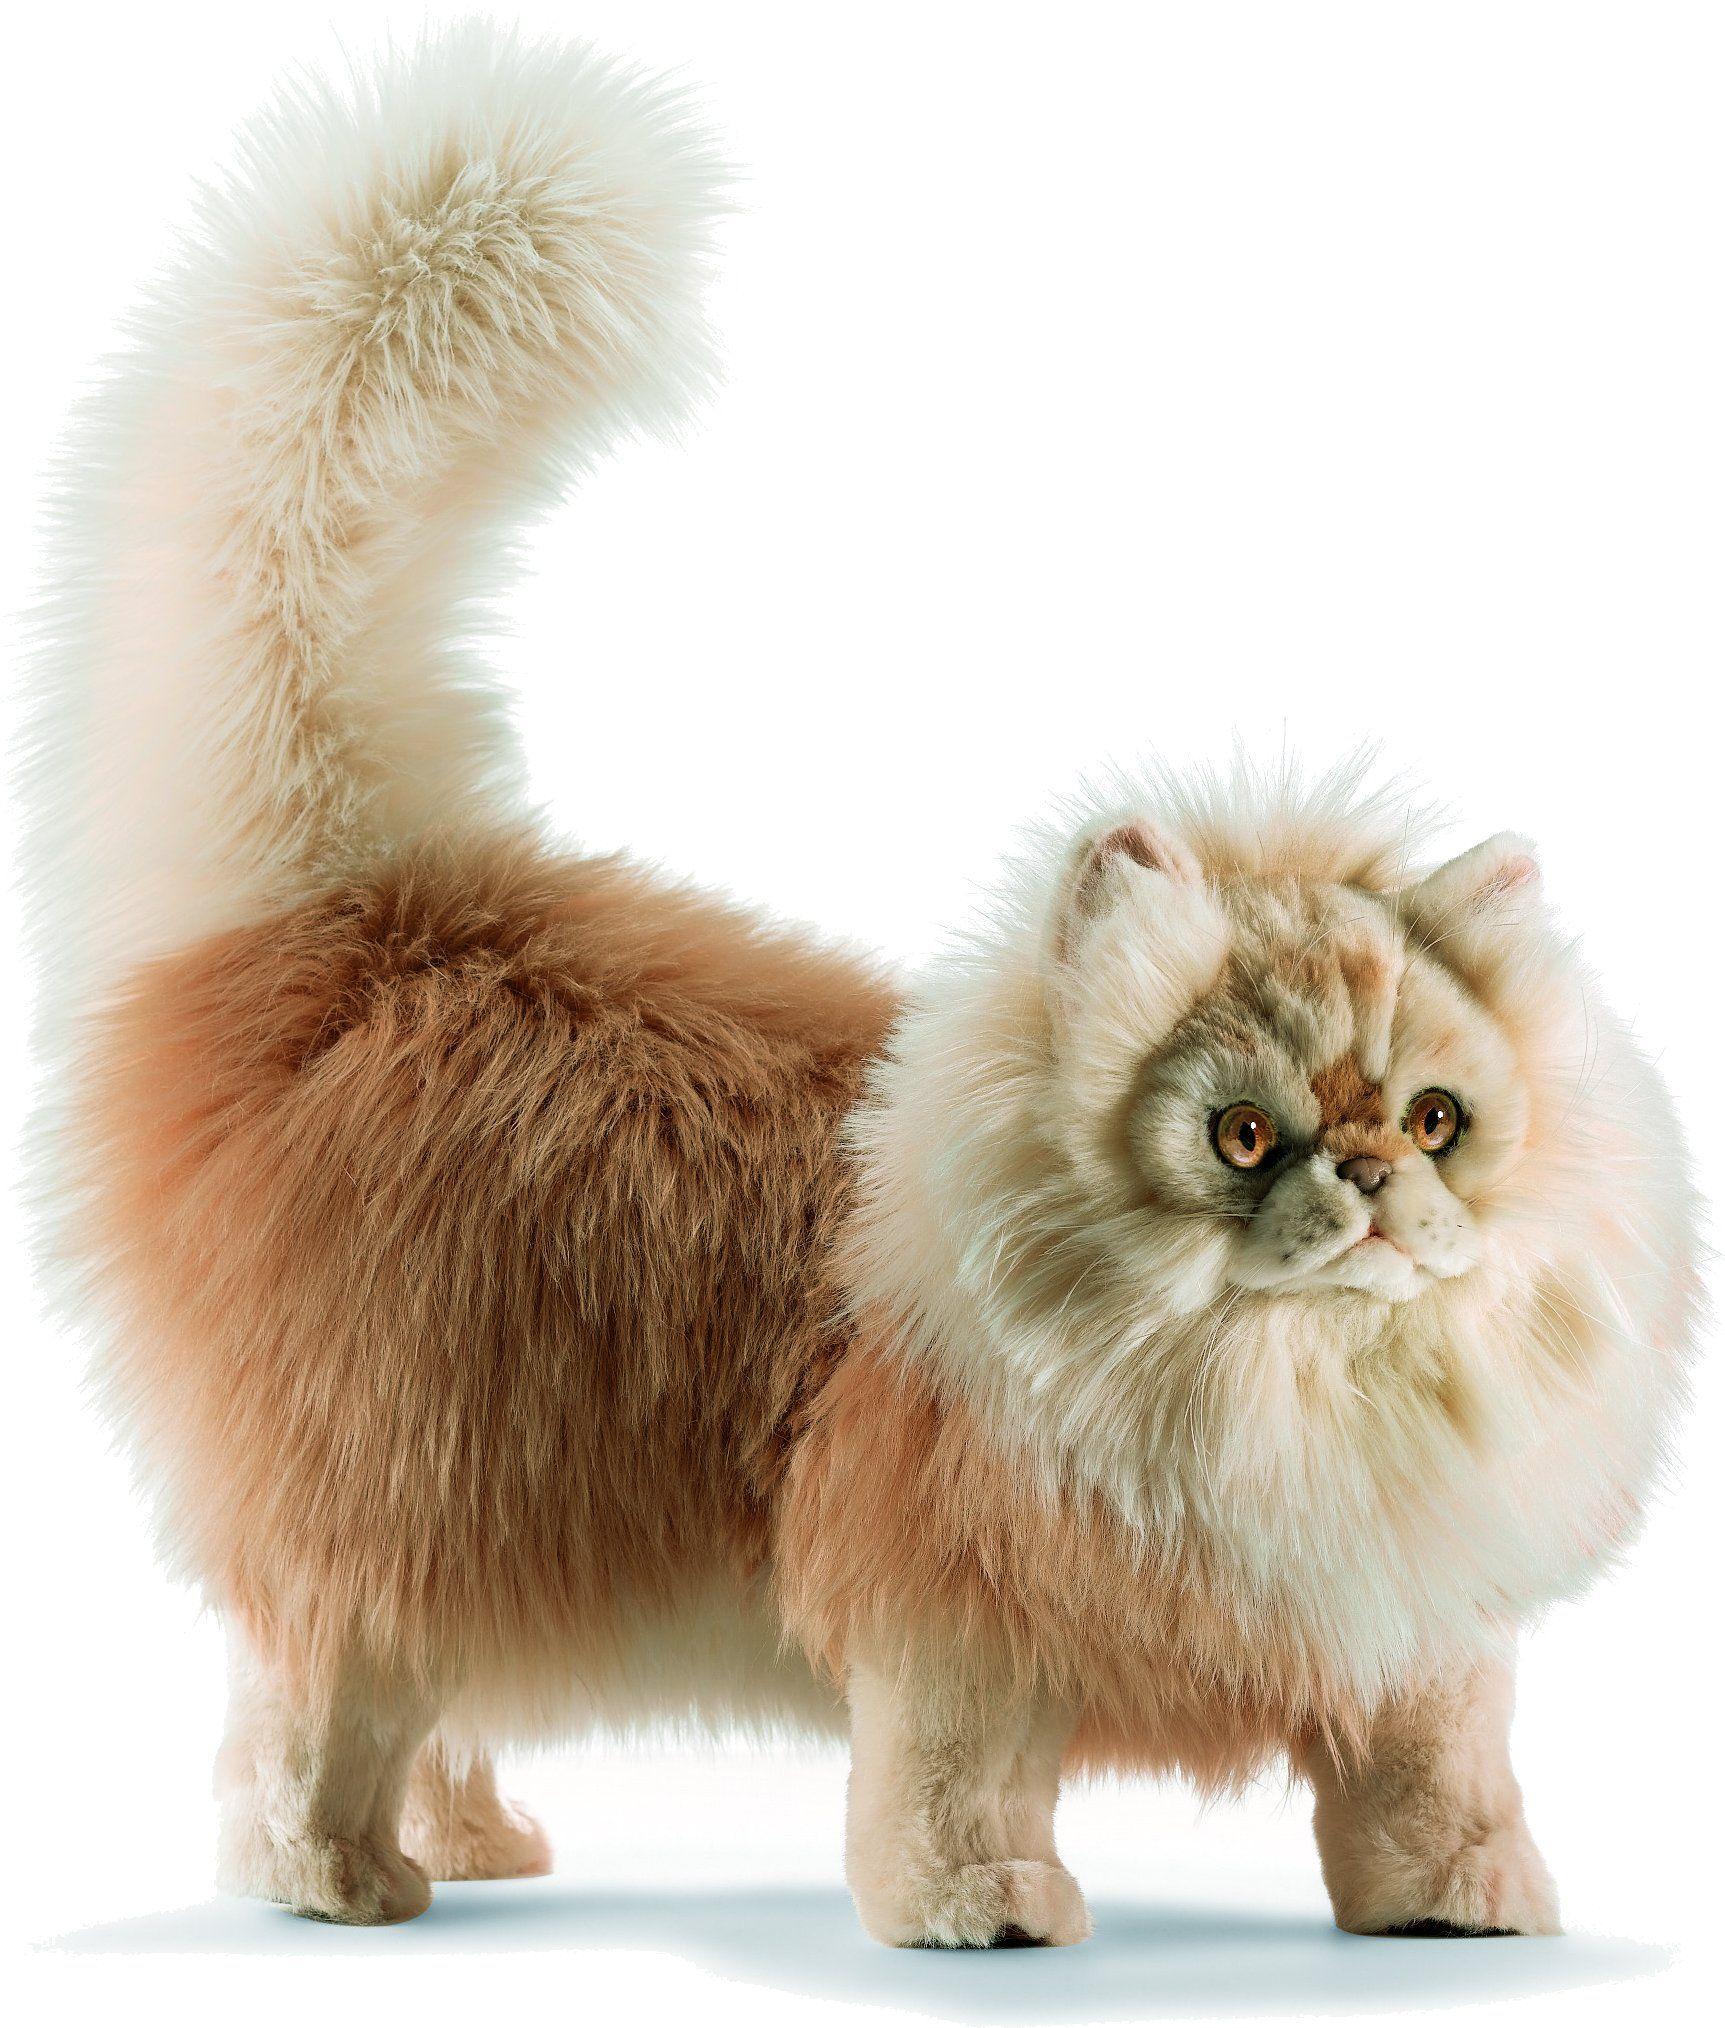 Игрушки мягкие кошки как живые